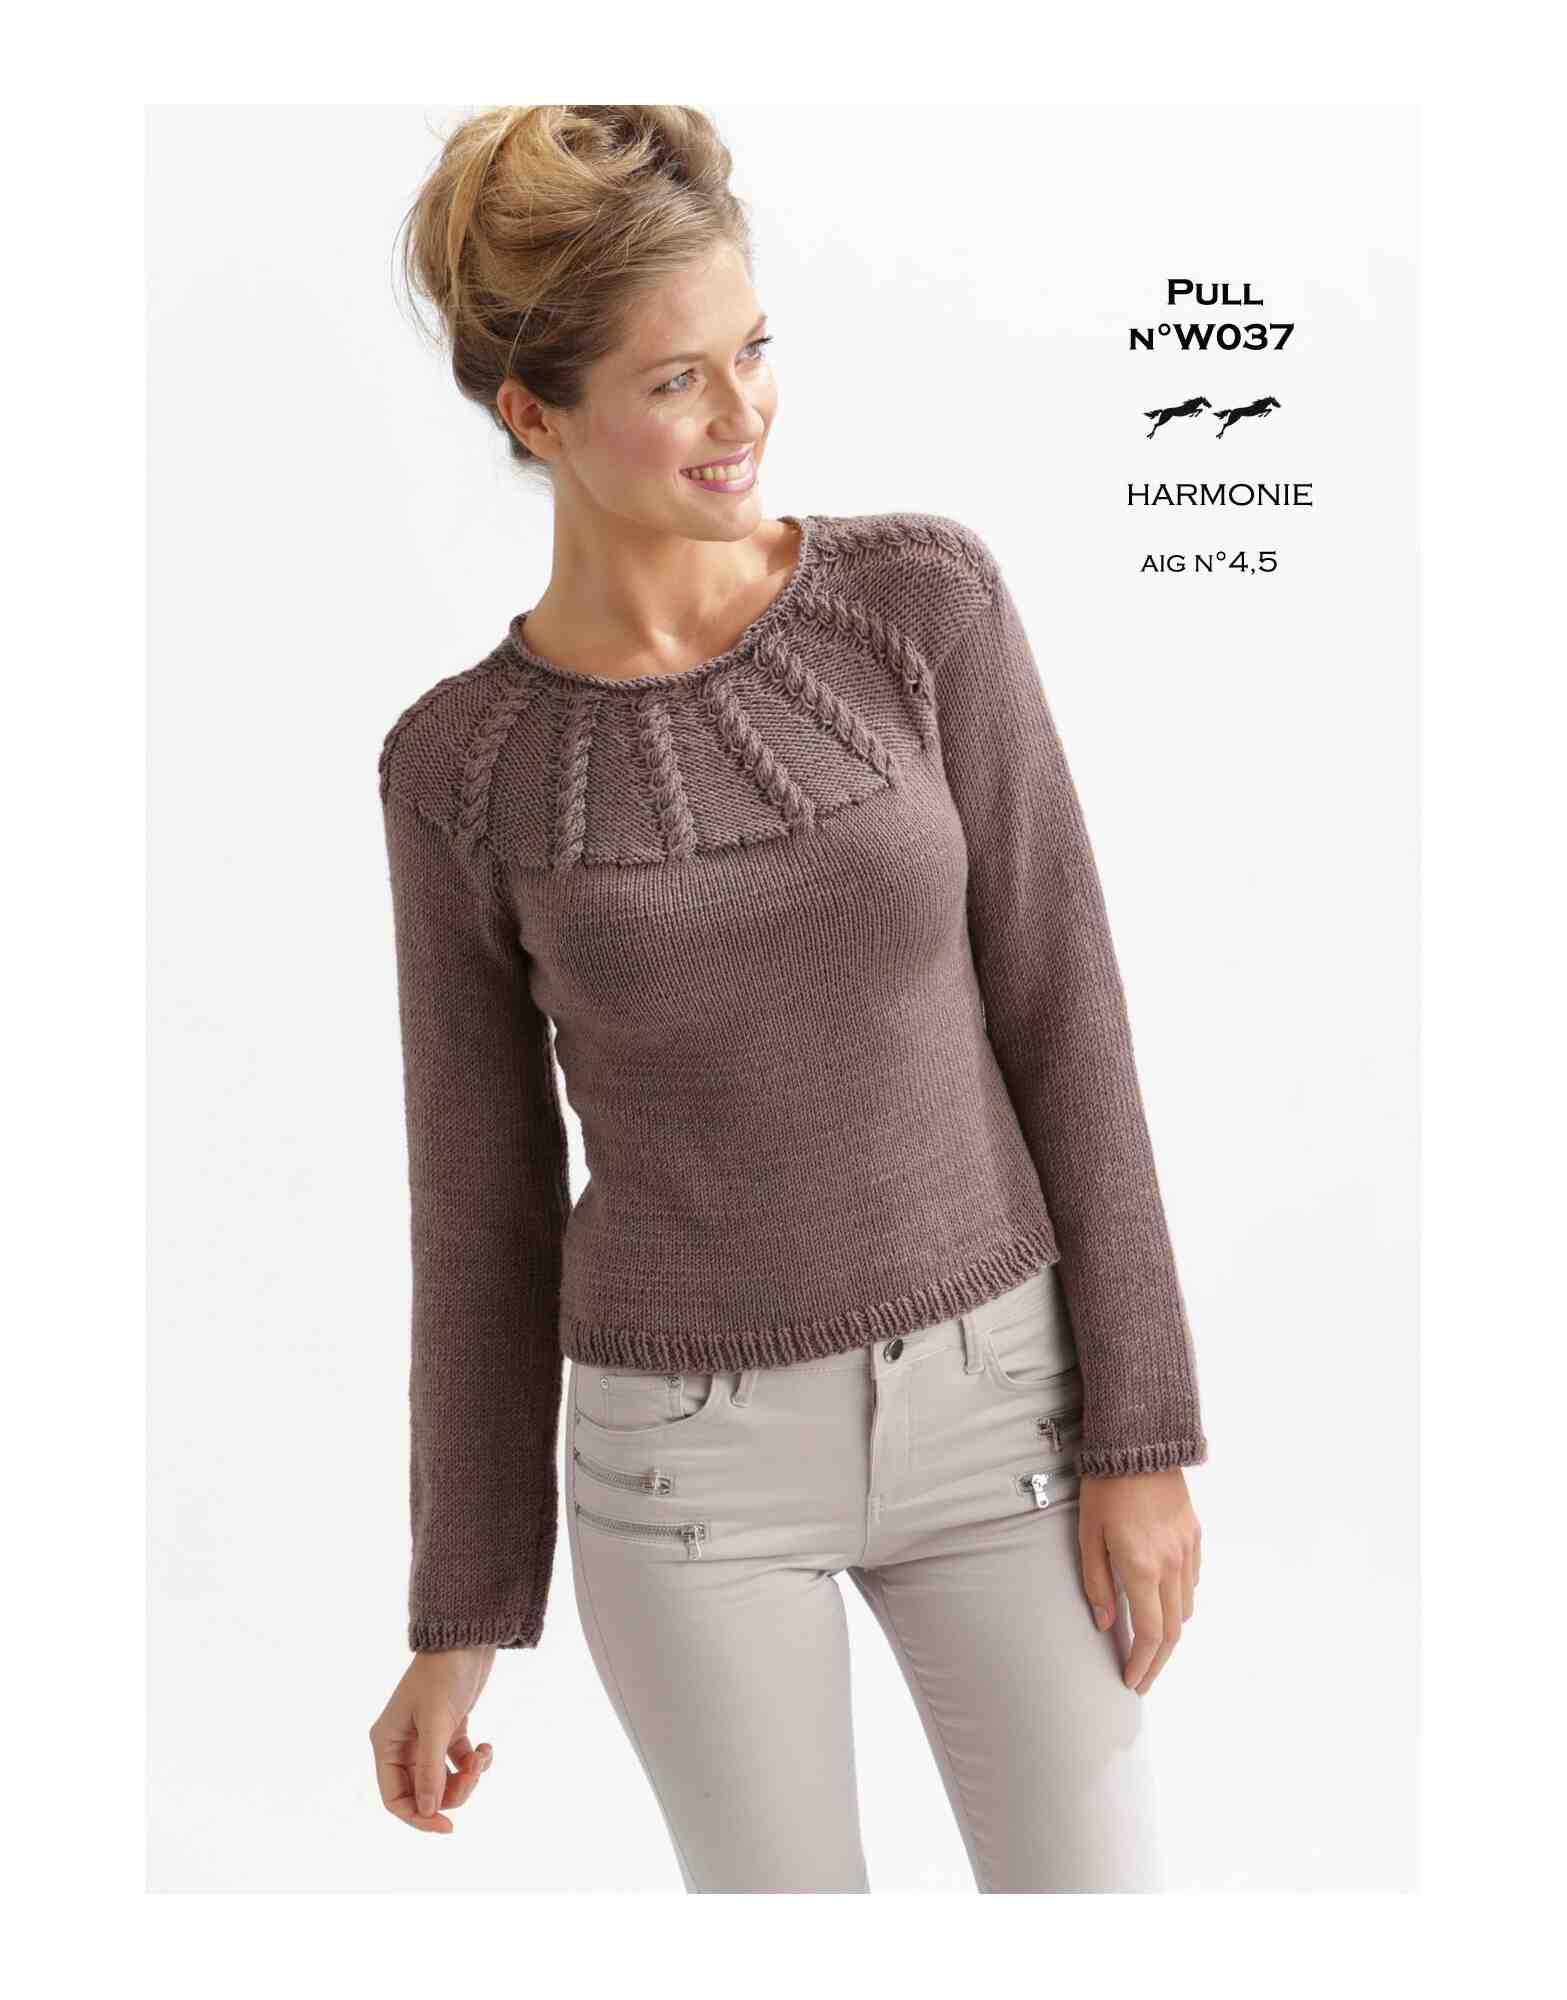 Comment faire un pull sans modèle?